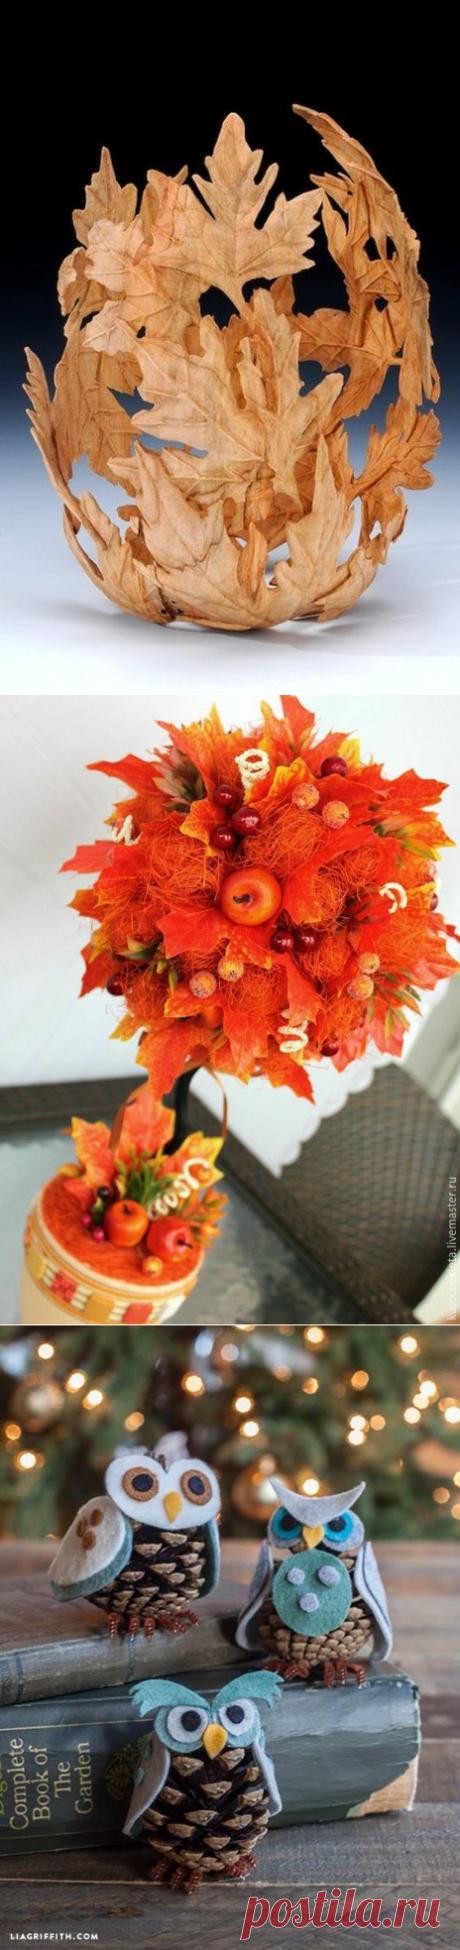 Осенние поделки (100+ идей) из природных материалов и листьев